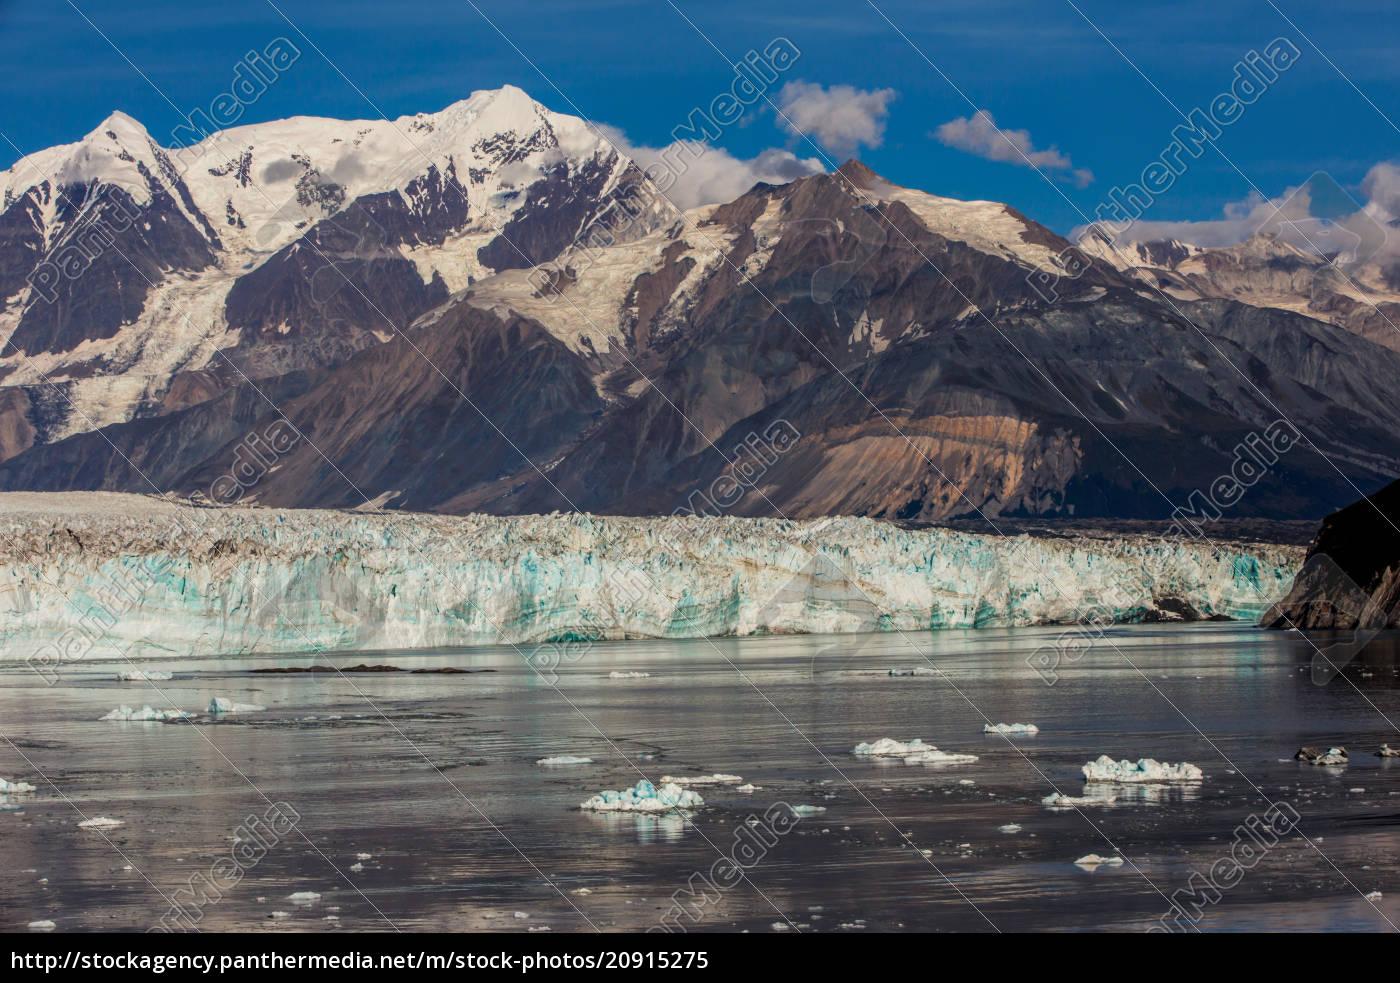 fahrt, reisen, farbe, amerikanisch, nationalpark, kalt - 20915275